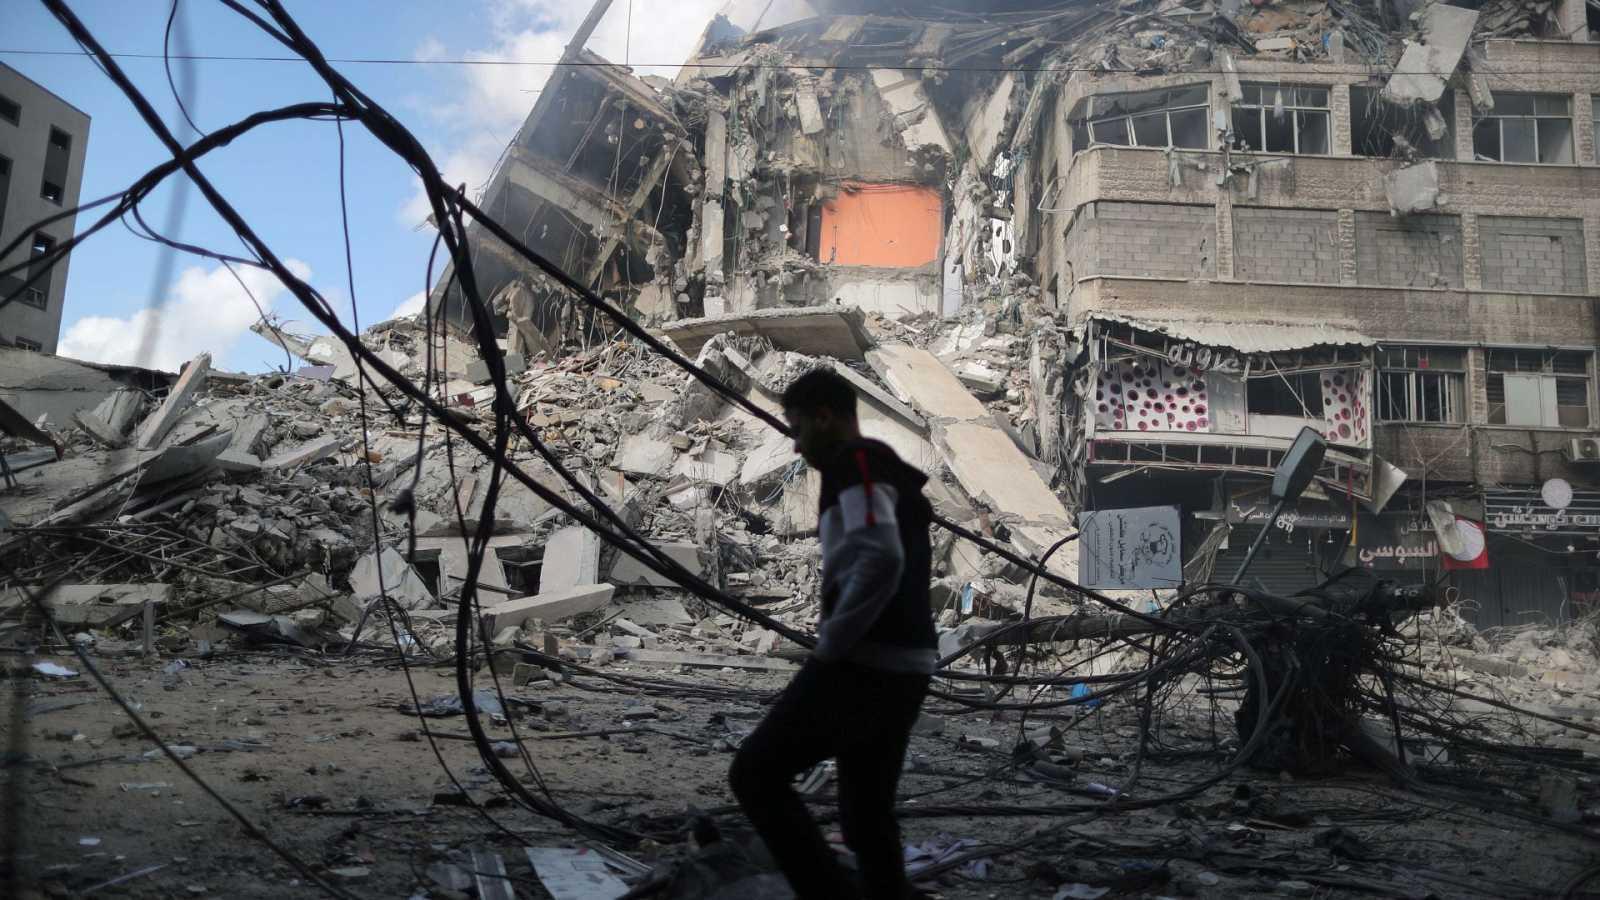 Israel continúa bombardeando Gaza, mientras Hamás mantiene su ofensiva